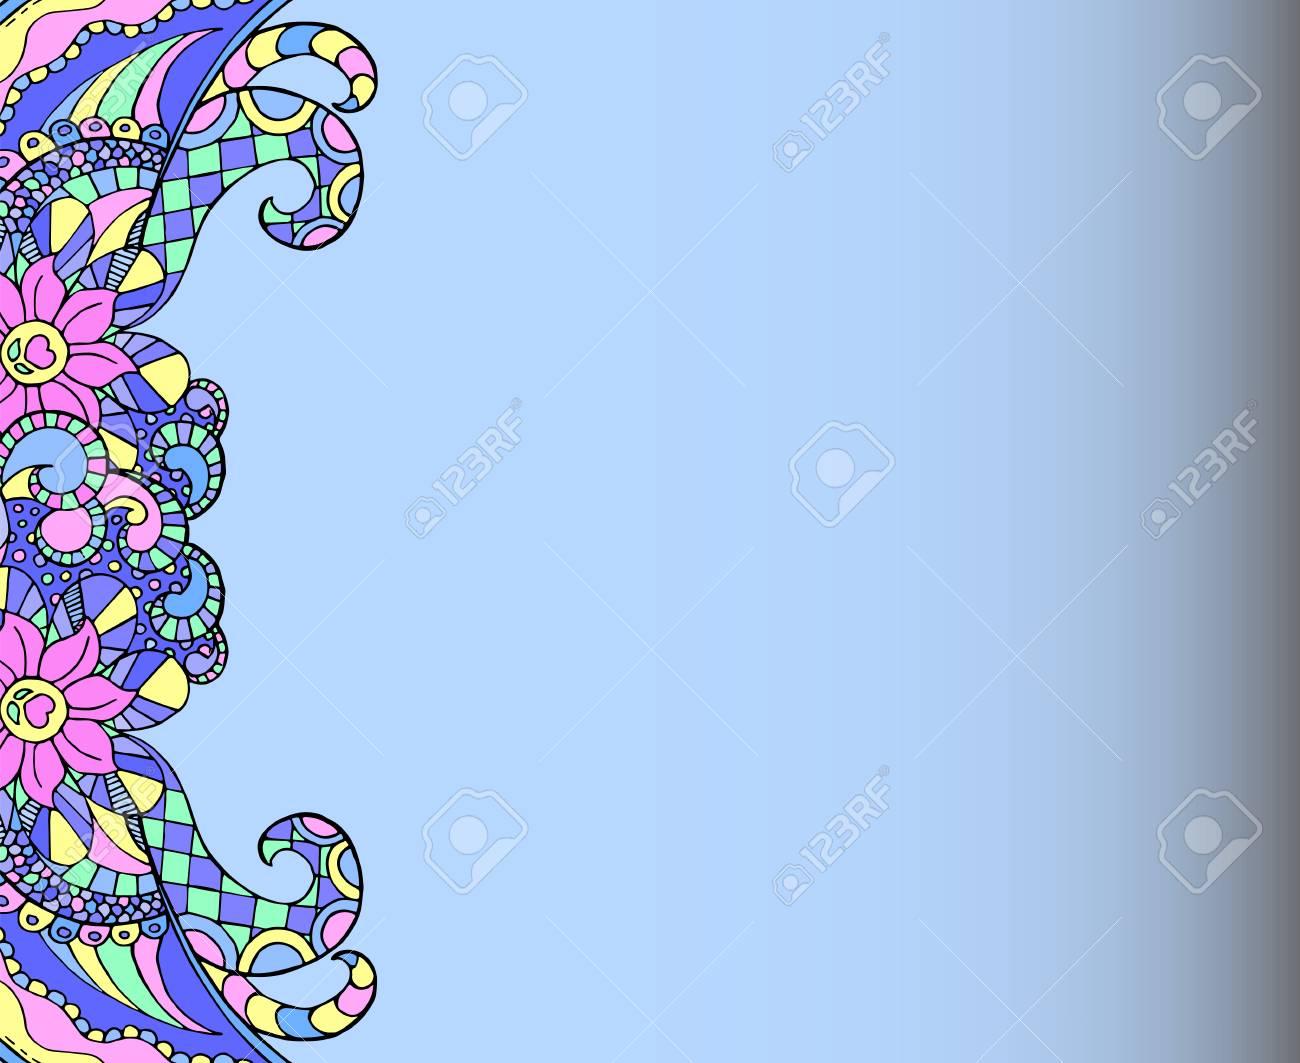 frontiere doodling style mandala sur papier vierge modele de carte de voeux ou d invitation de mariage page blanche horizontale en bleu